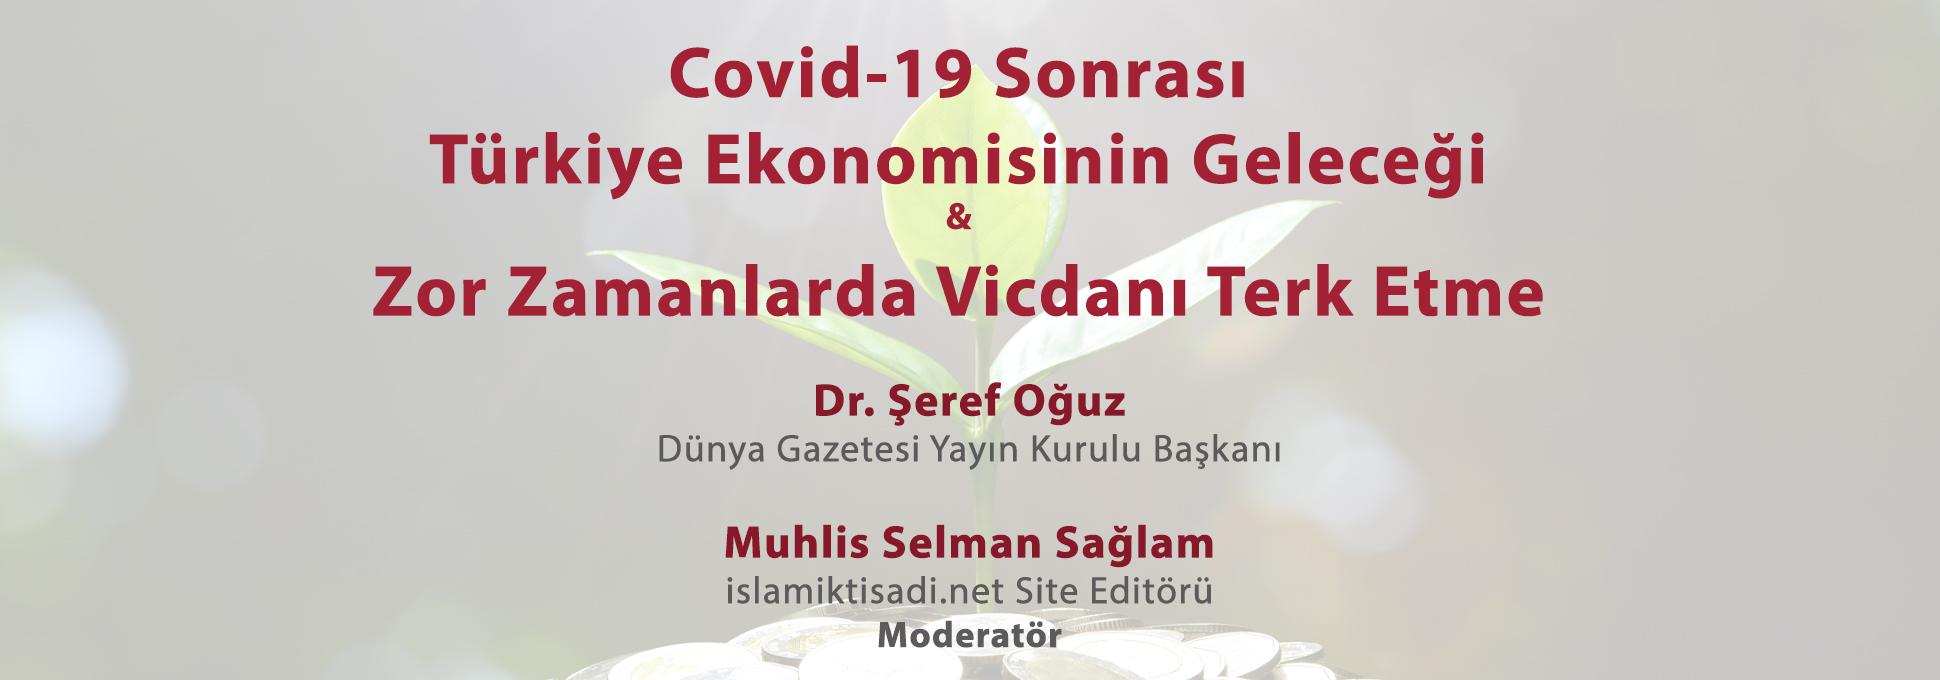 Türkiye Ekonomisinin Geleceği & Zor Zamanlarda Vicdanı Terk Etme